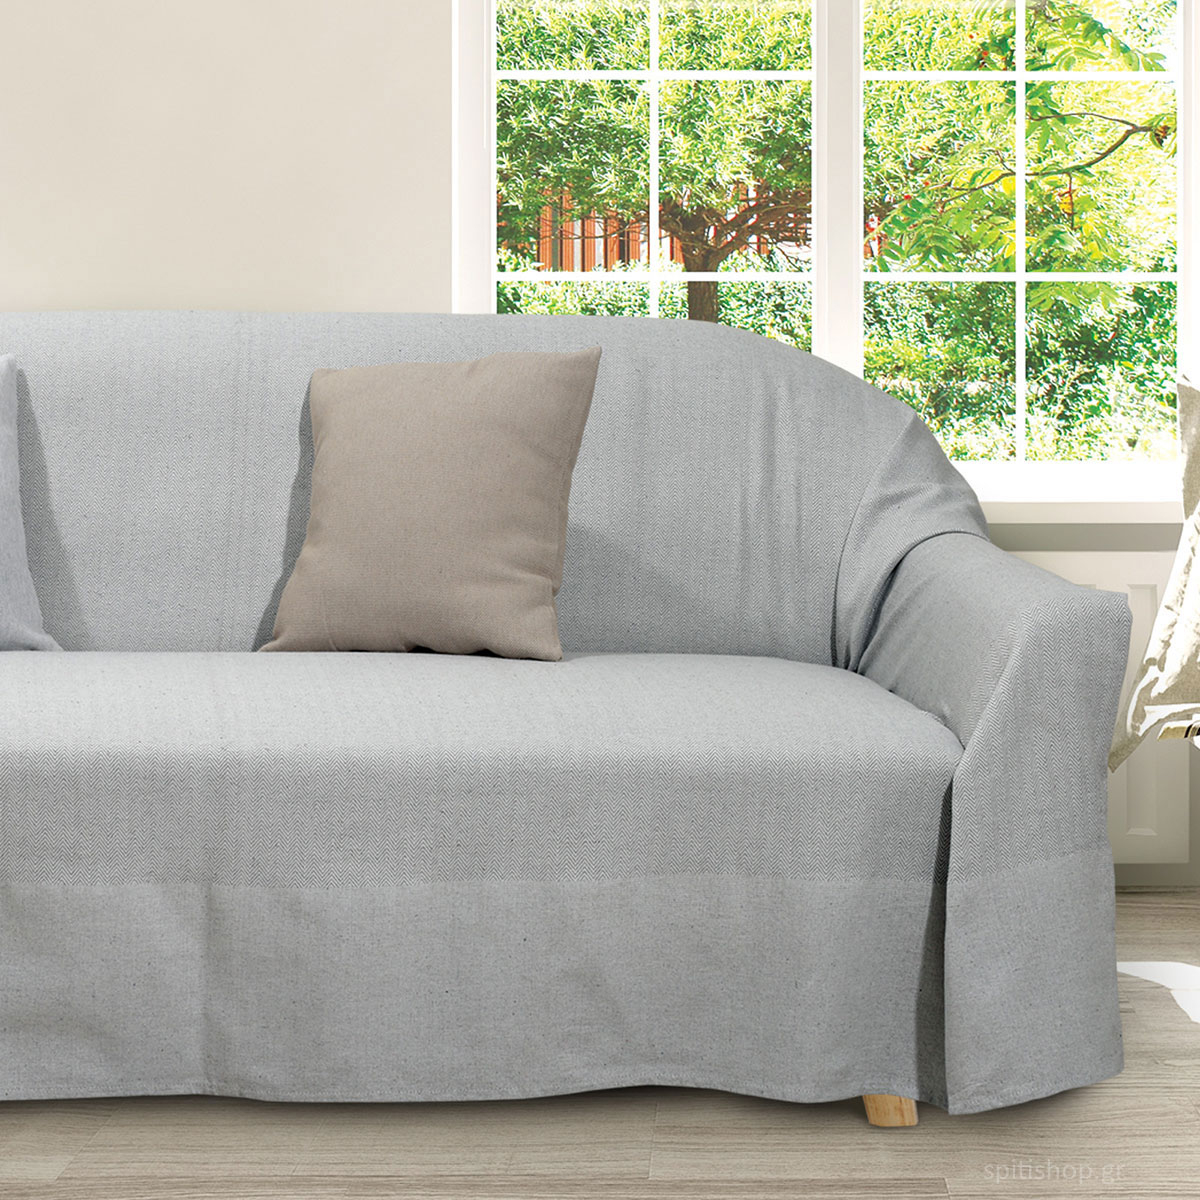 Ριχτάρι Διθέσιου (180×250) Das Home Throws Line 0181 Grey